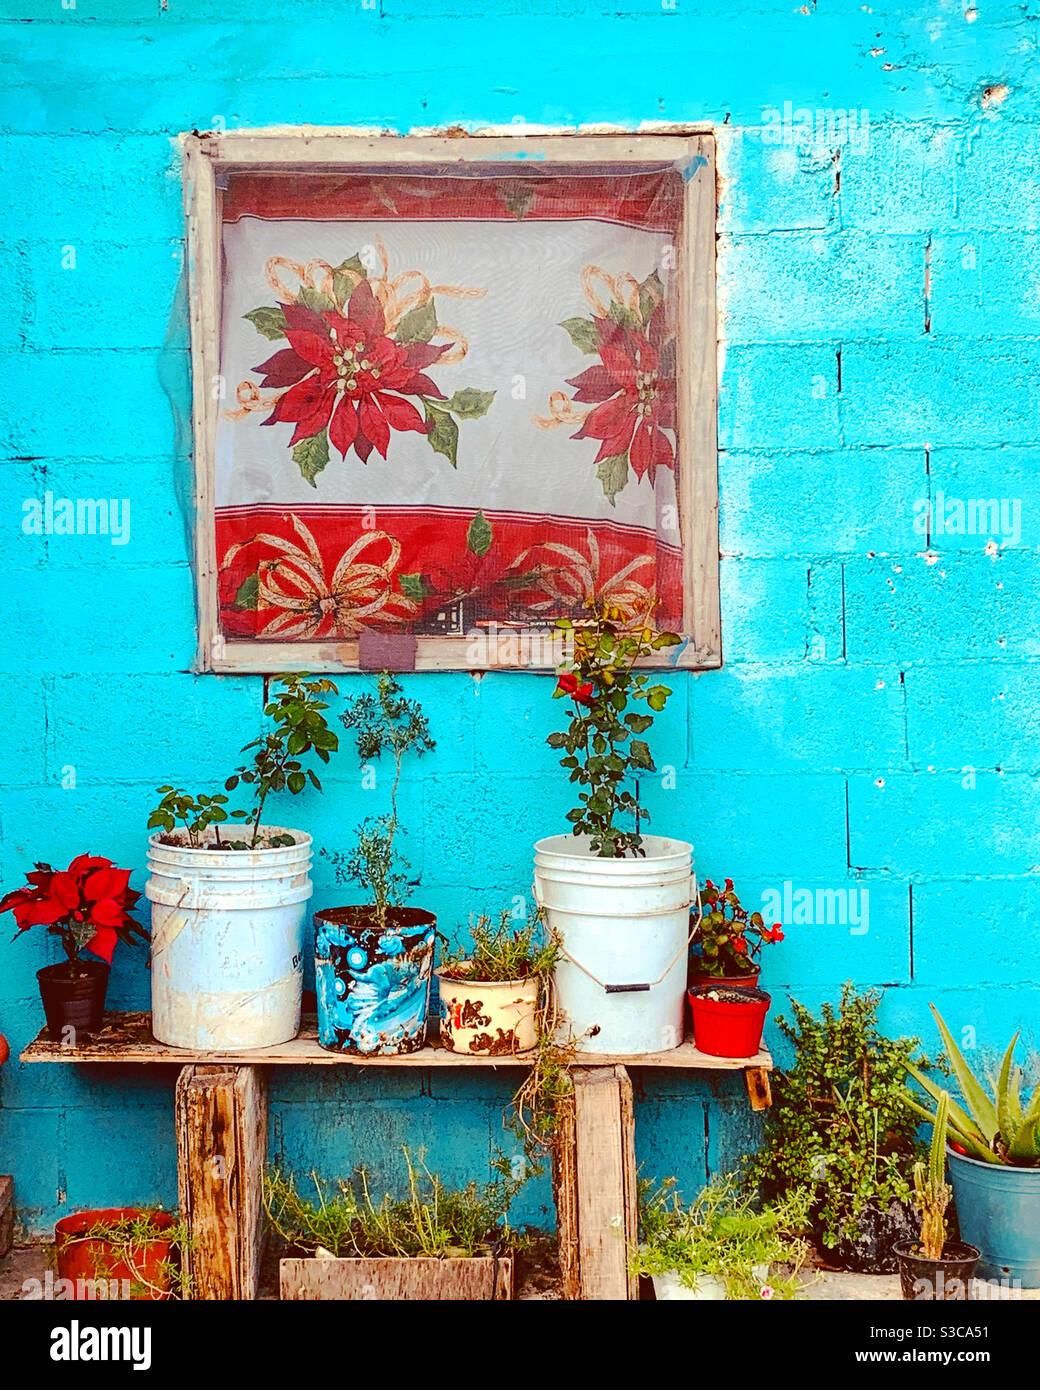 Plantas y adornos navideños frente a casa modesta México Foto de stock